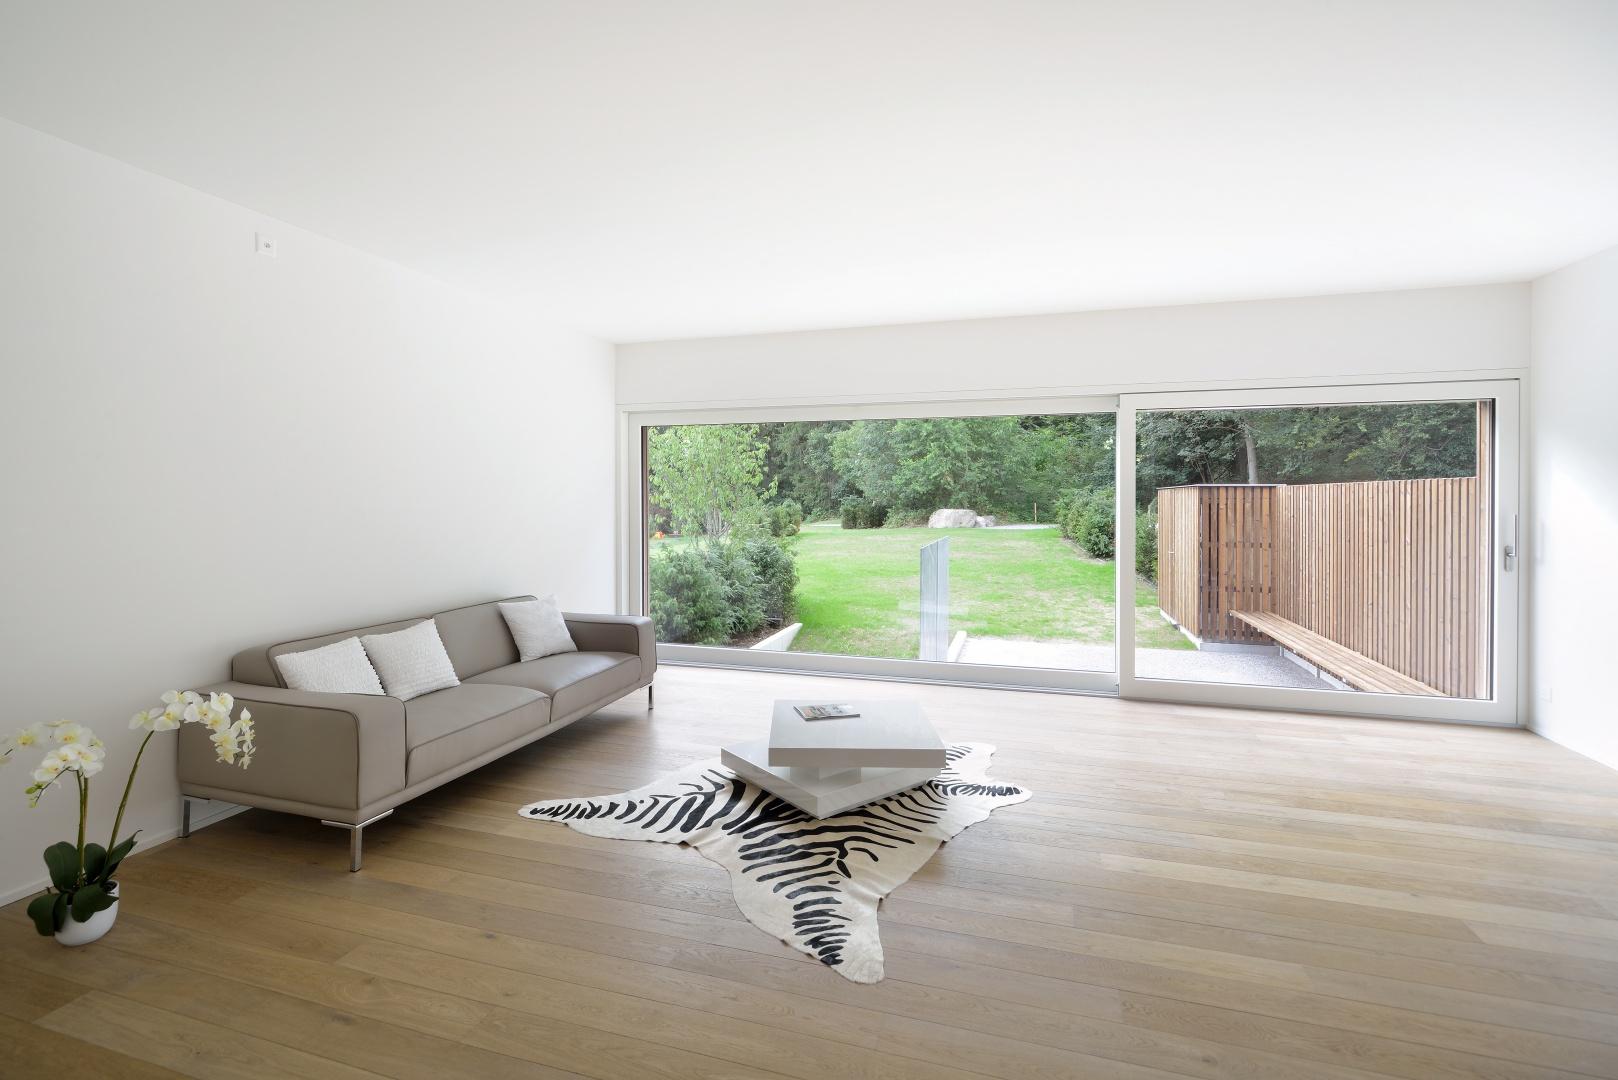 Wohnzimmer mit Blick in den Garten und hin zum privaten Wald © Sabrina Scheja, Berneckerstrasse 215, CH-9435 Heerbrugg